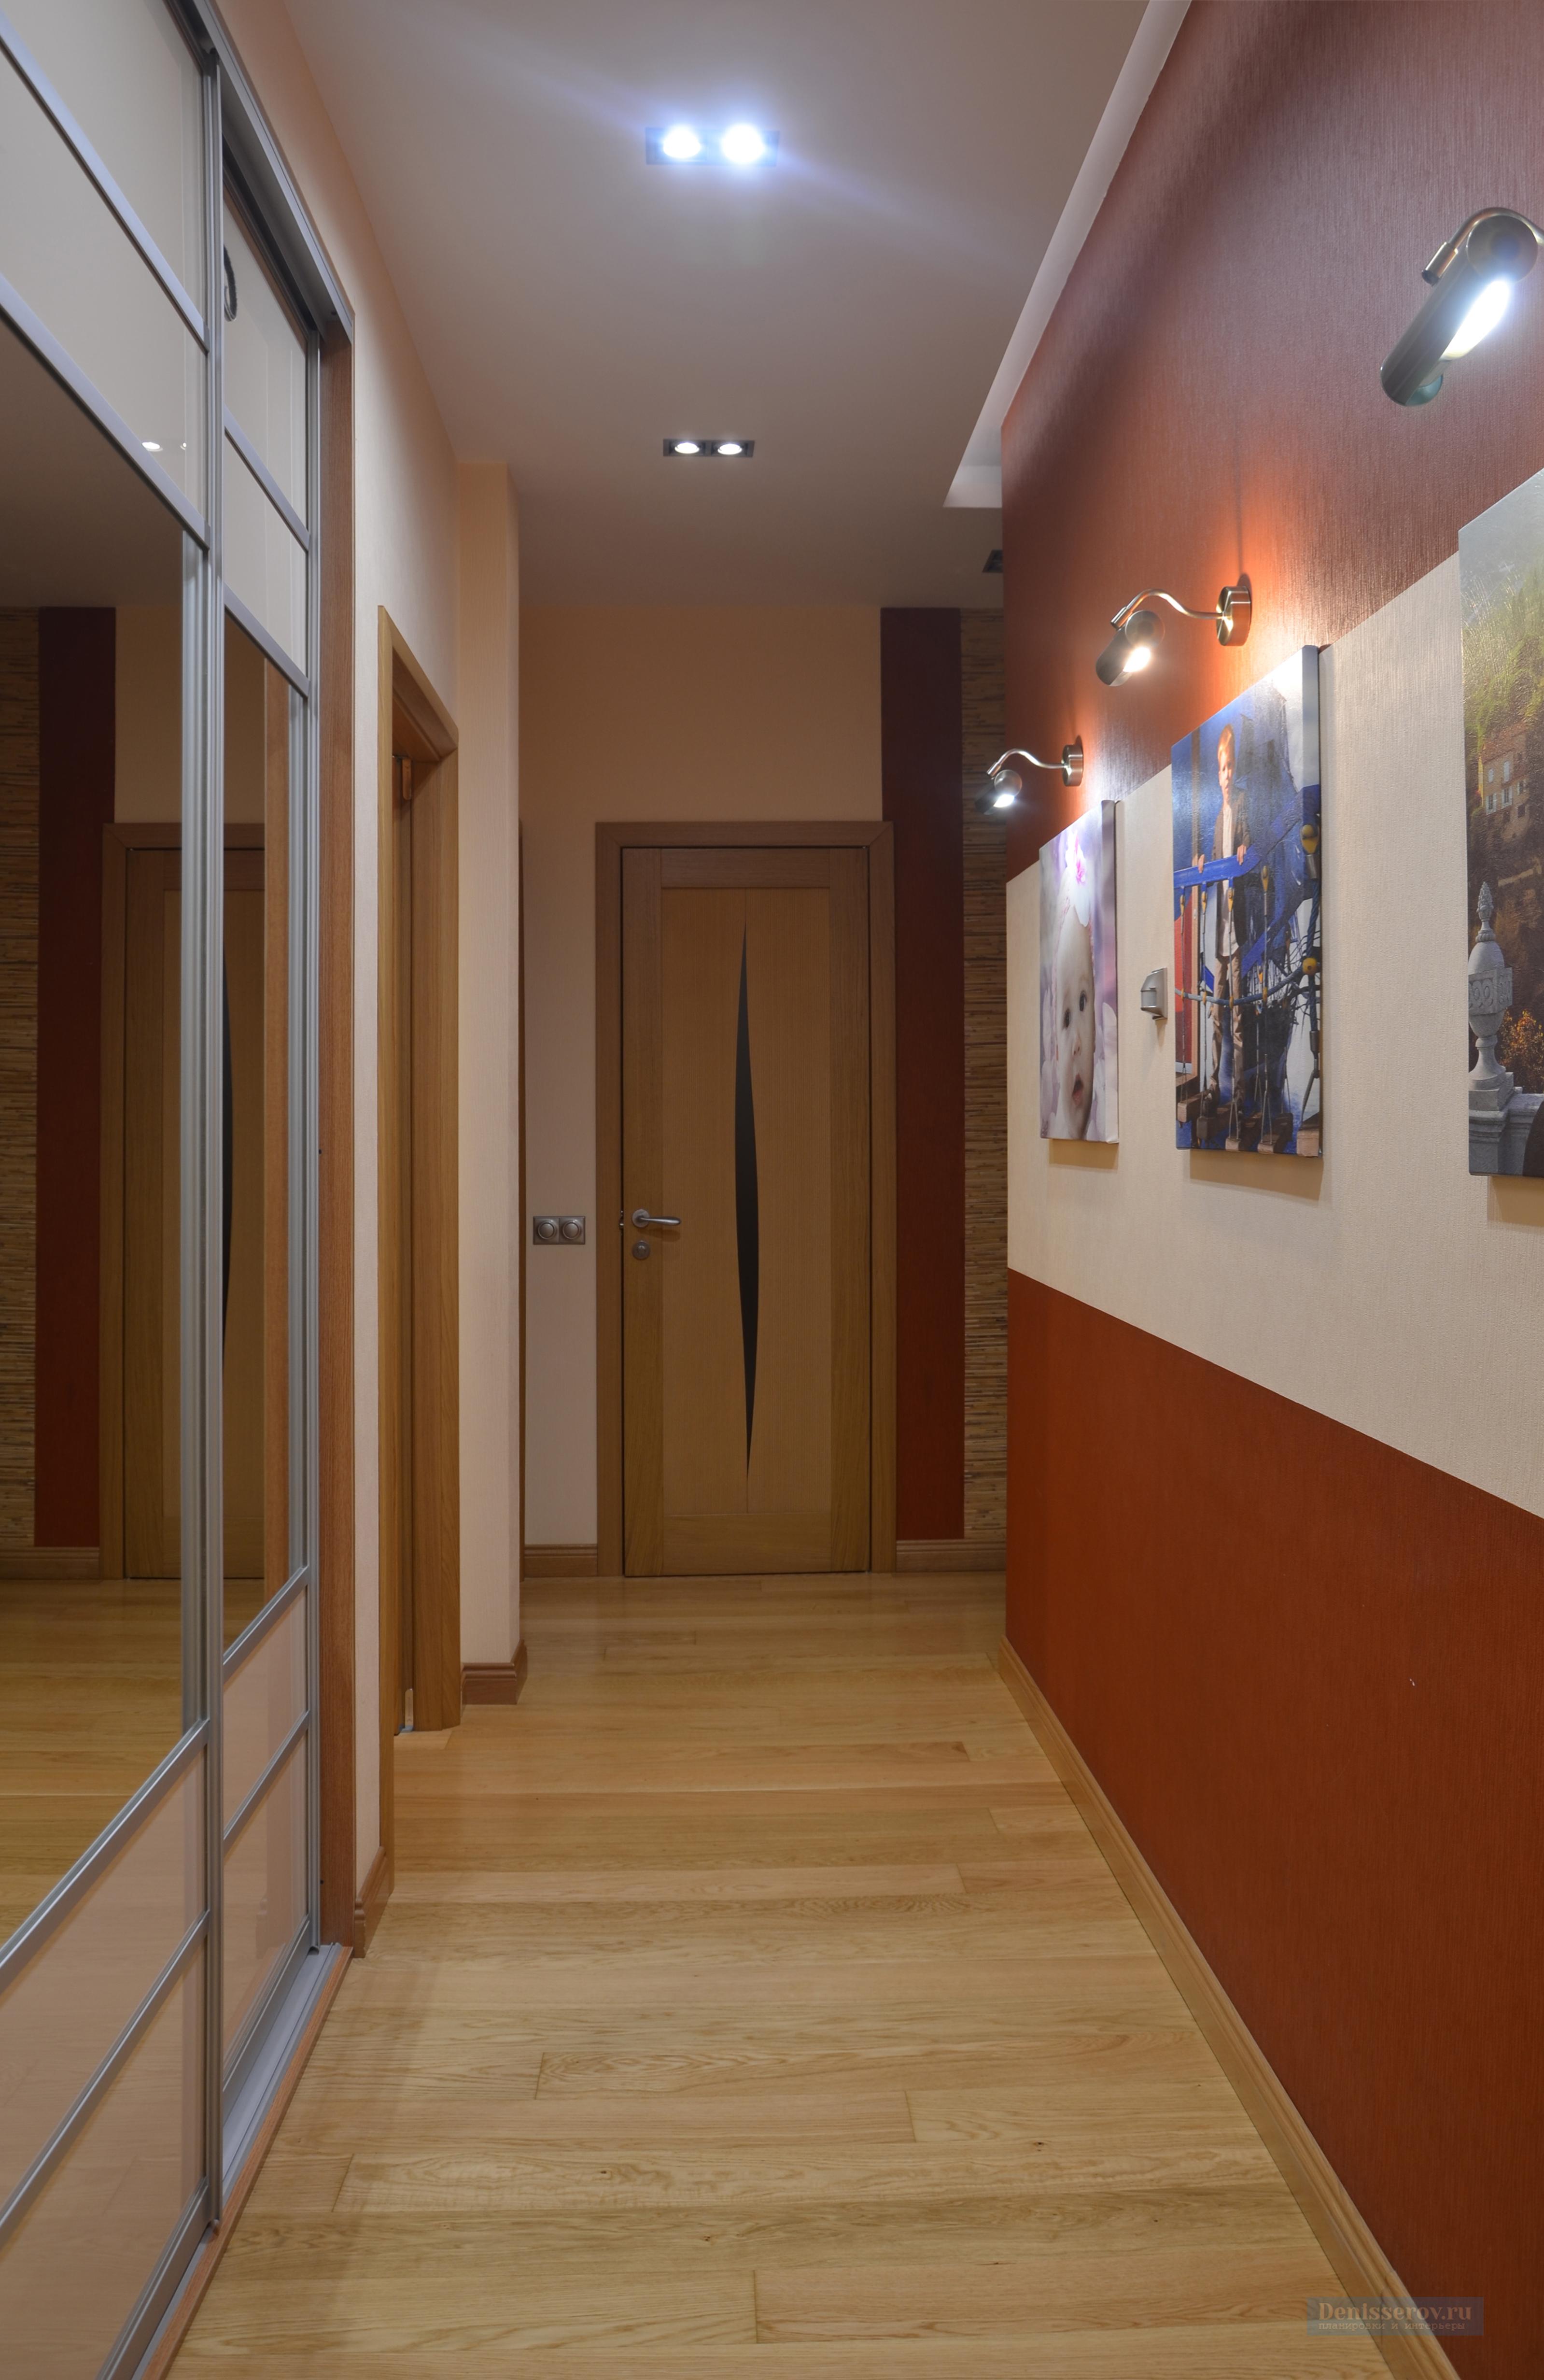 Koridor-10-kv-m-v-korichnevom-cvete-1